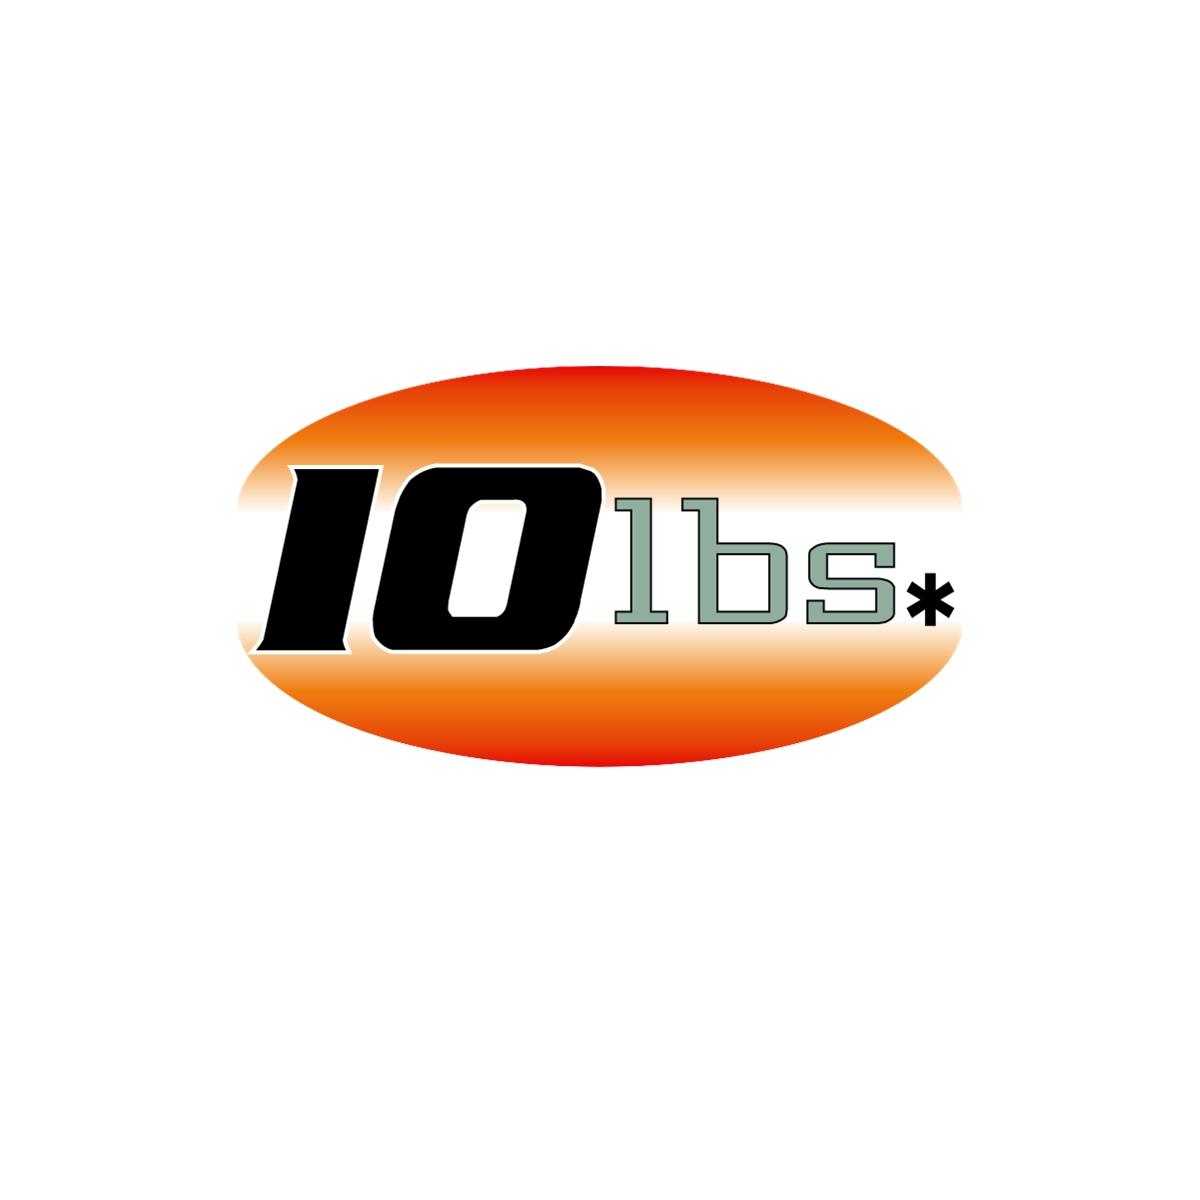 Logo Design by Joseph calunsag Cagaanan - Entry No. 2 in the Logo Design Contest 10 lbs.